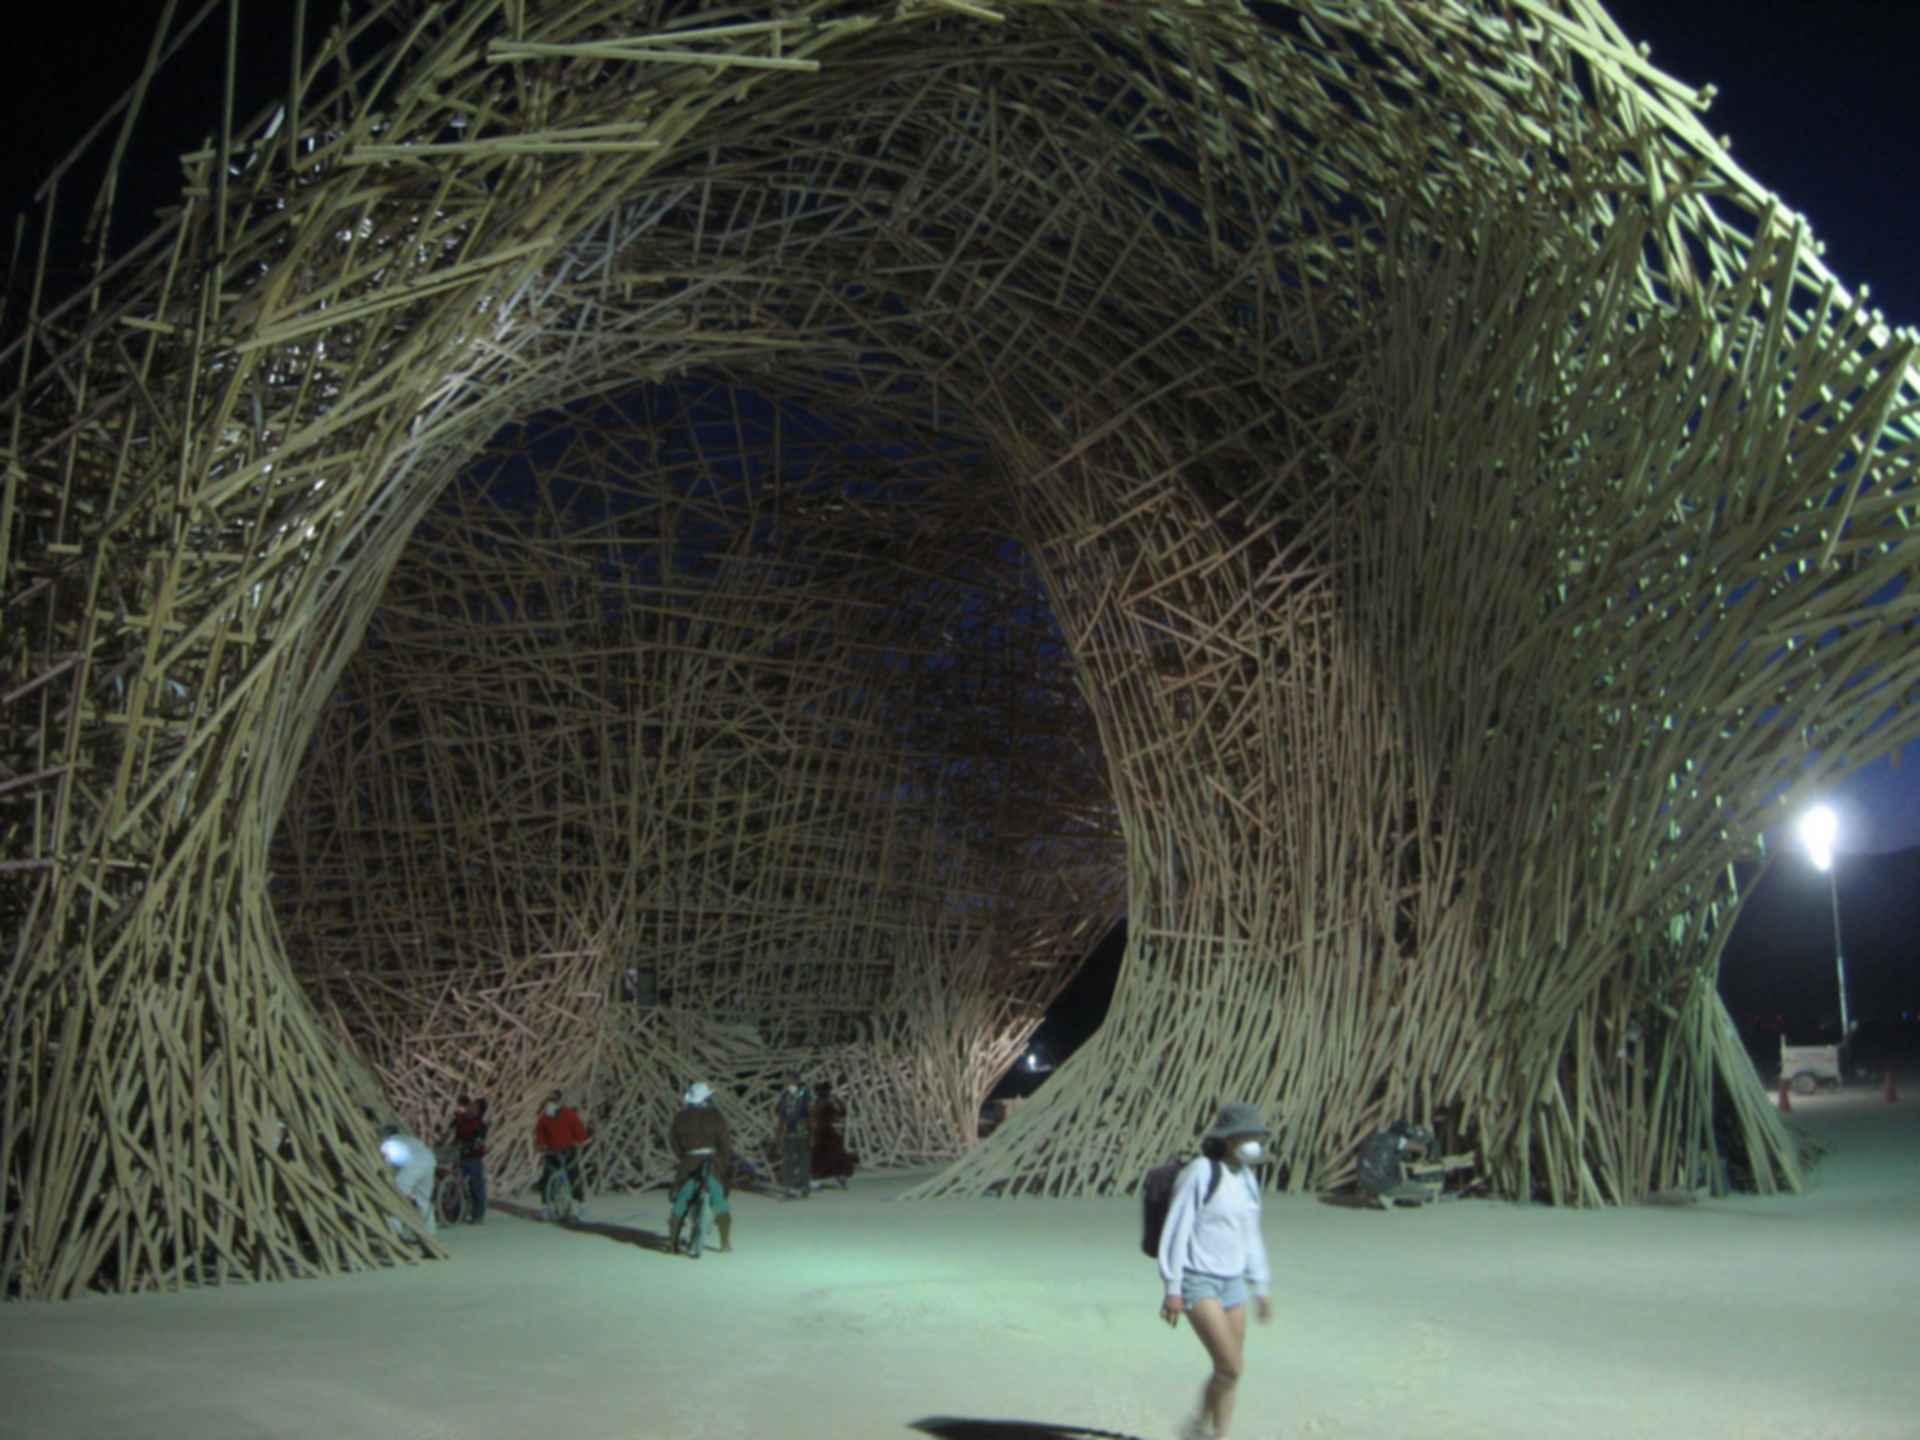 Uchronia - Burning Man 2006